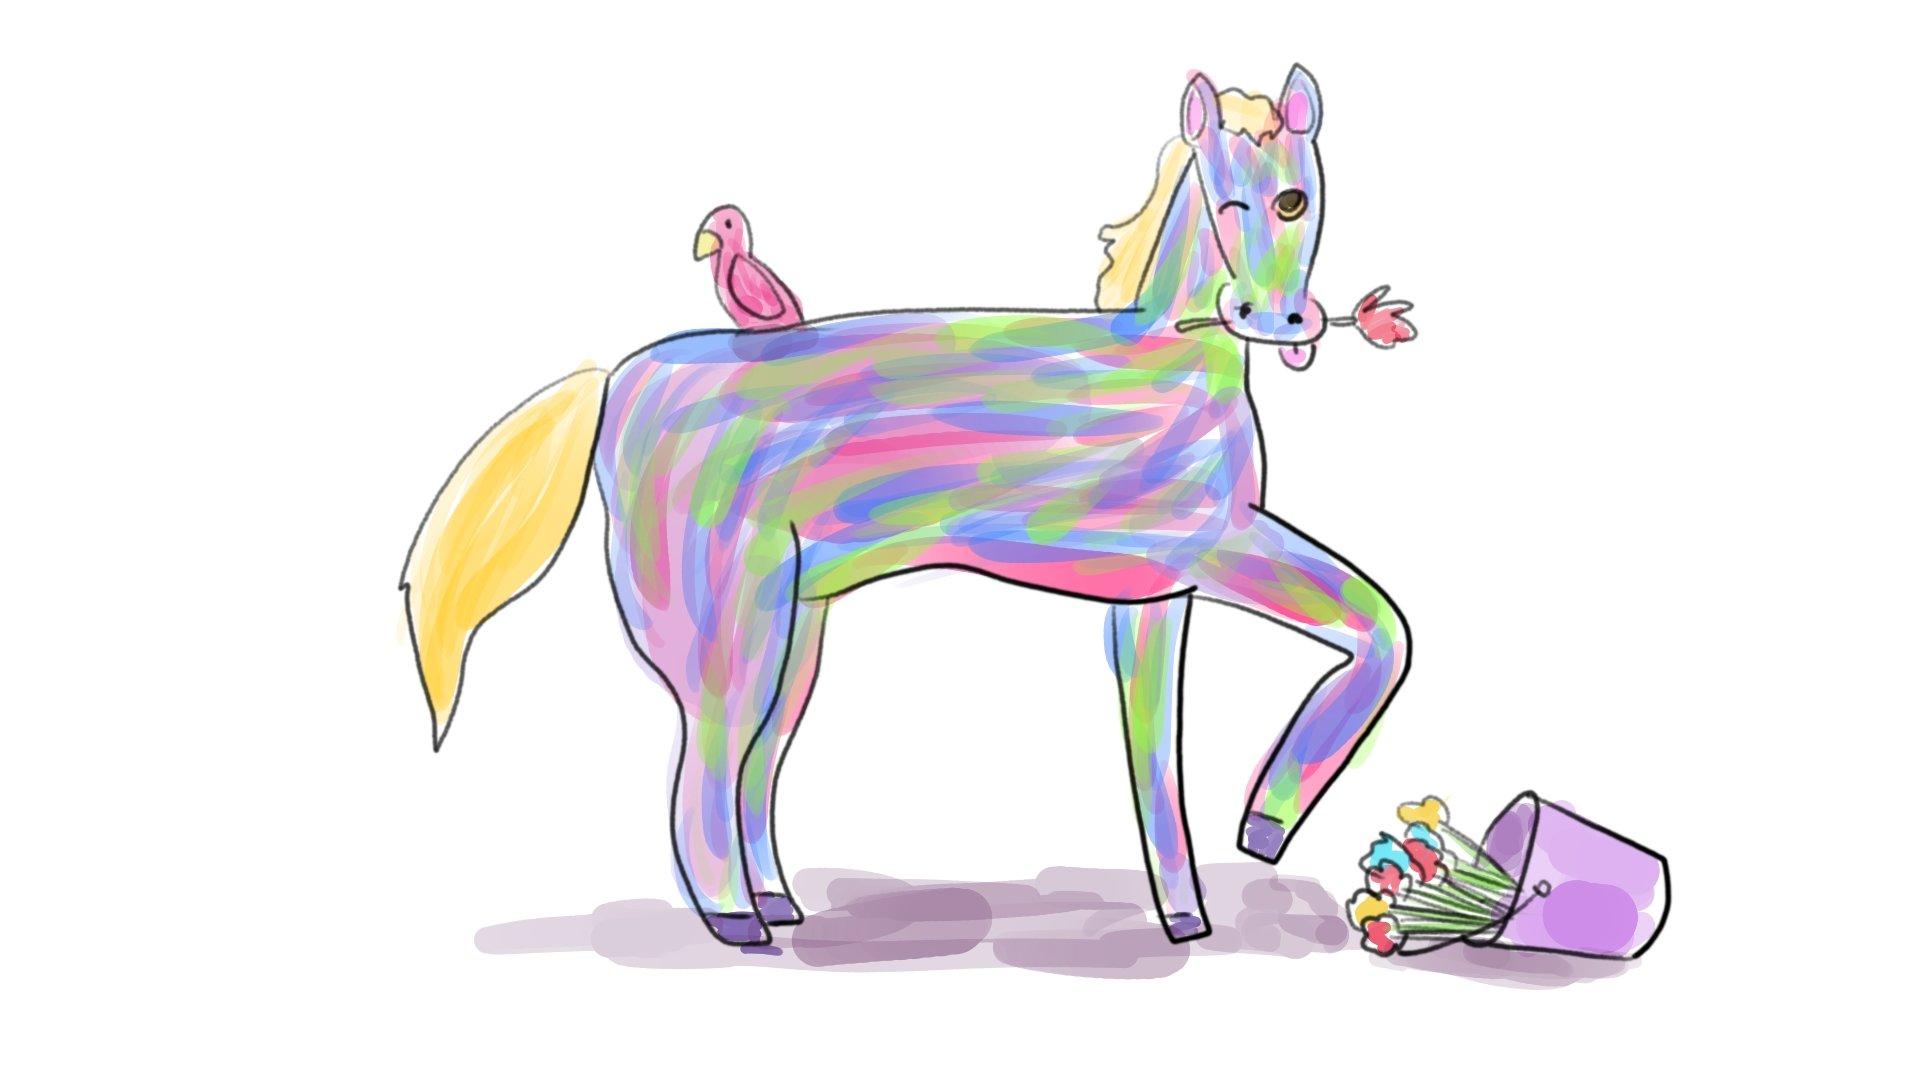 El caballo que era bien bonito comiendo flores de una cubeta